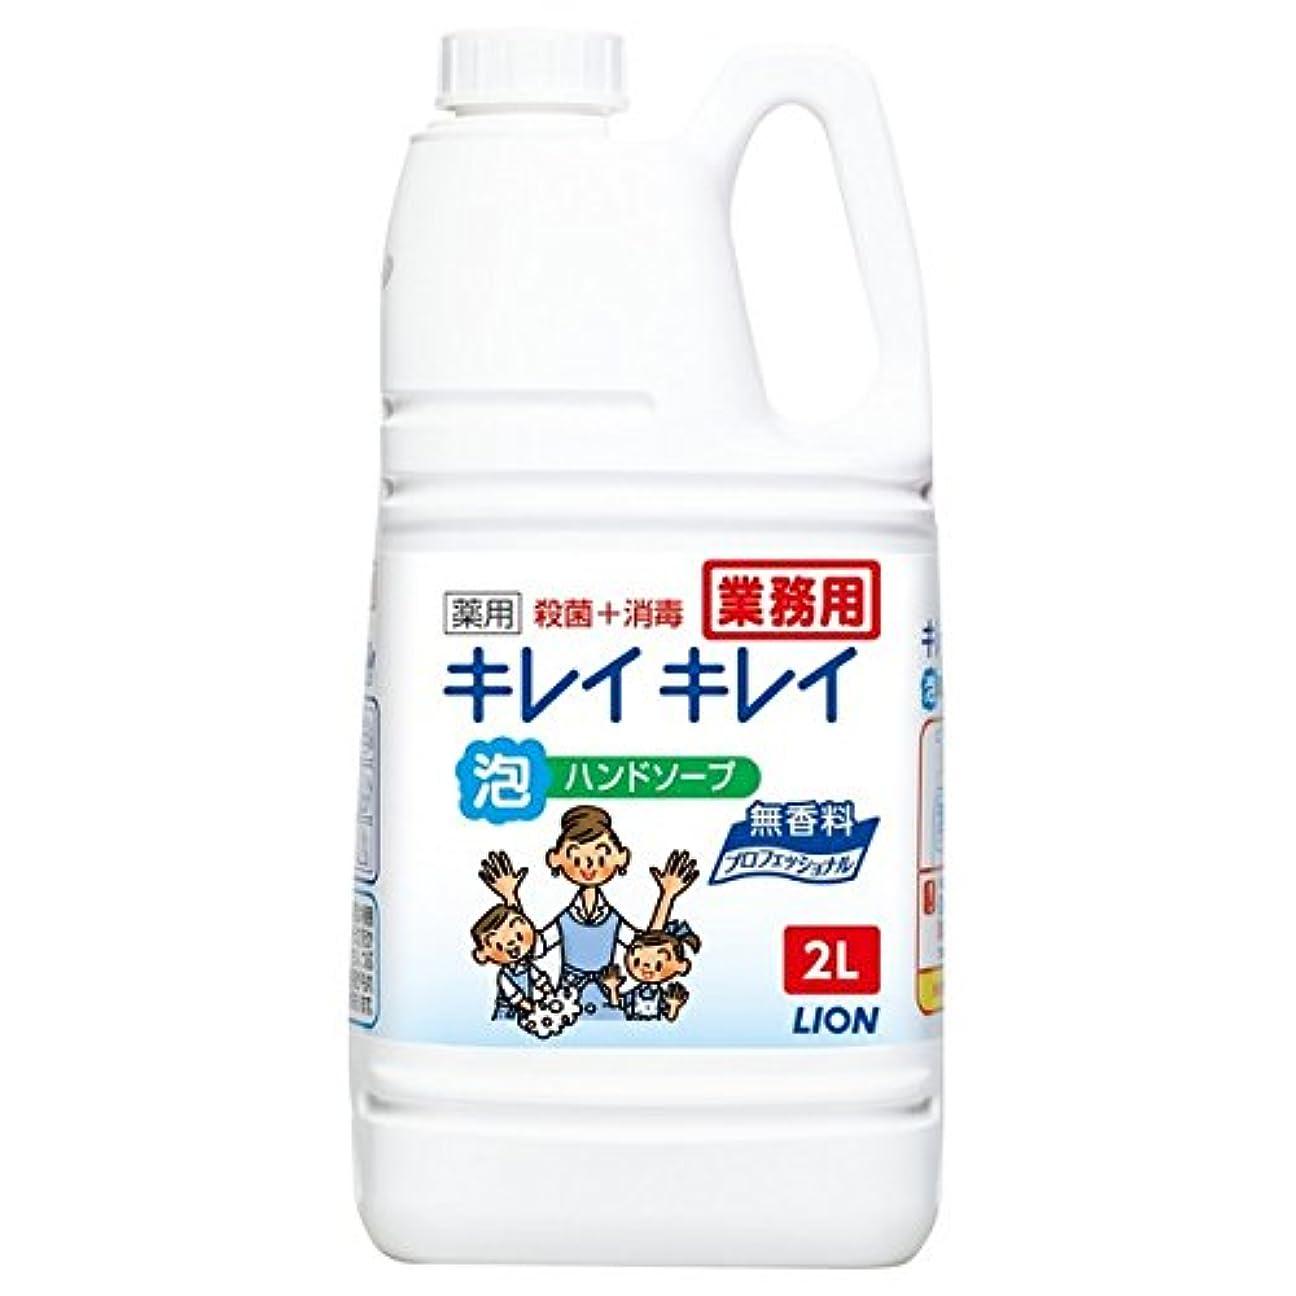 異なるブルゴーニュ修正するライオン キレイキレイ薬用泡ハンドソープ 無香料 2L×6本入